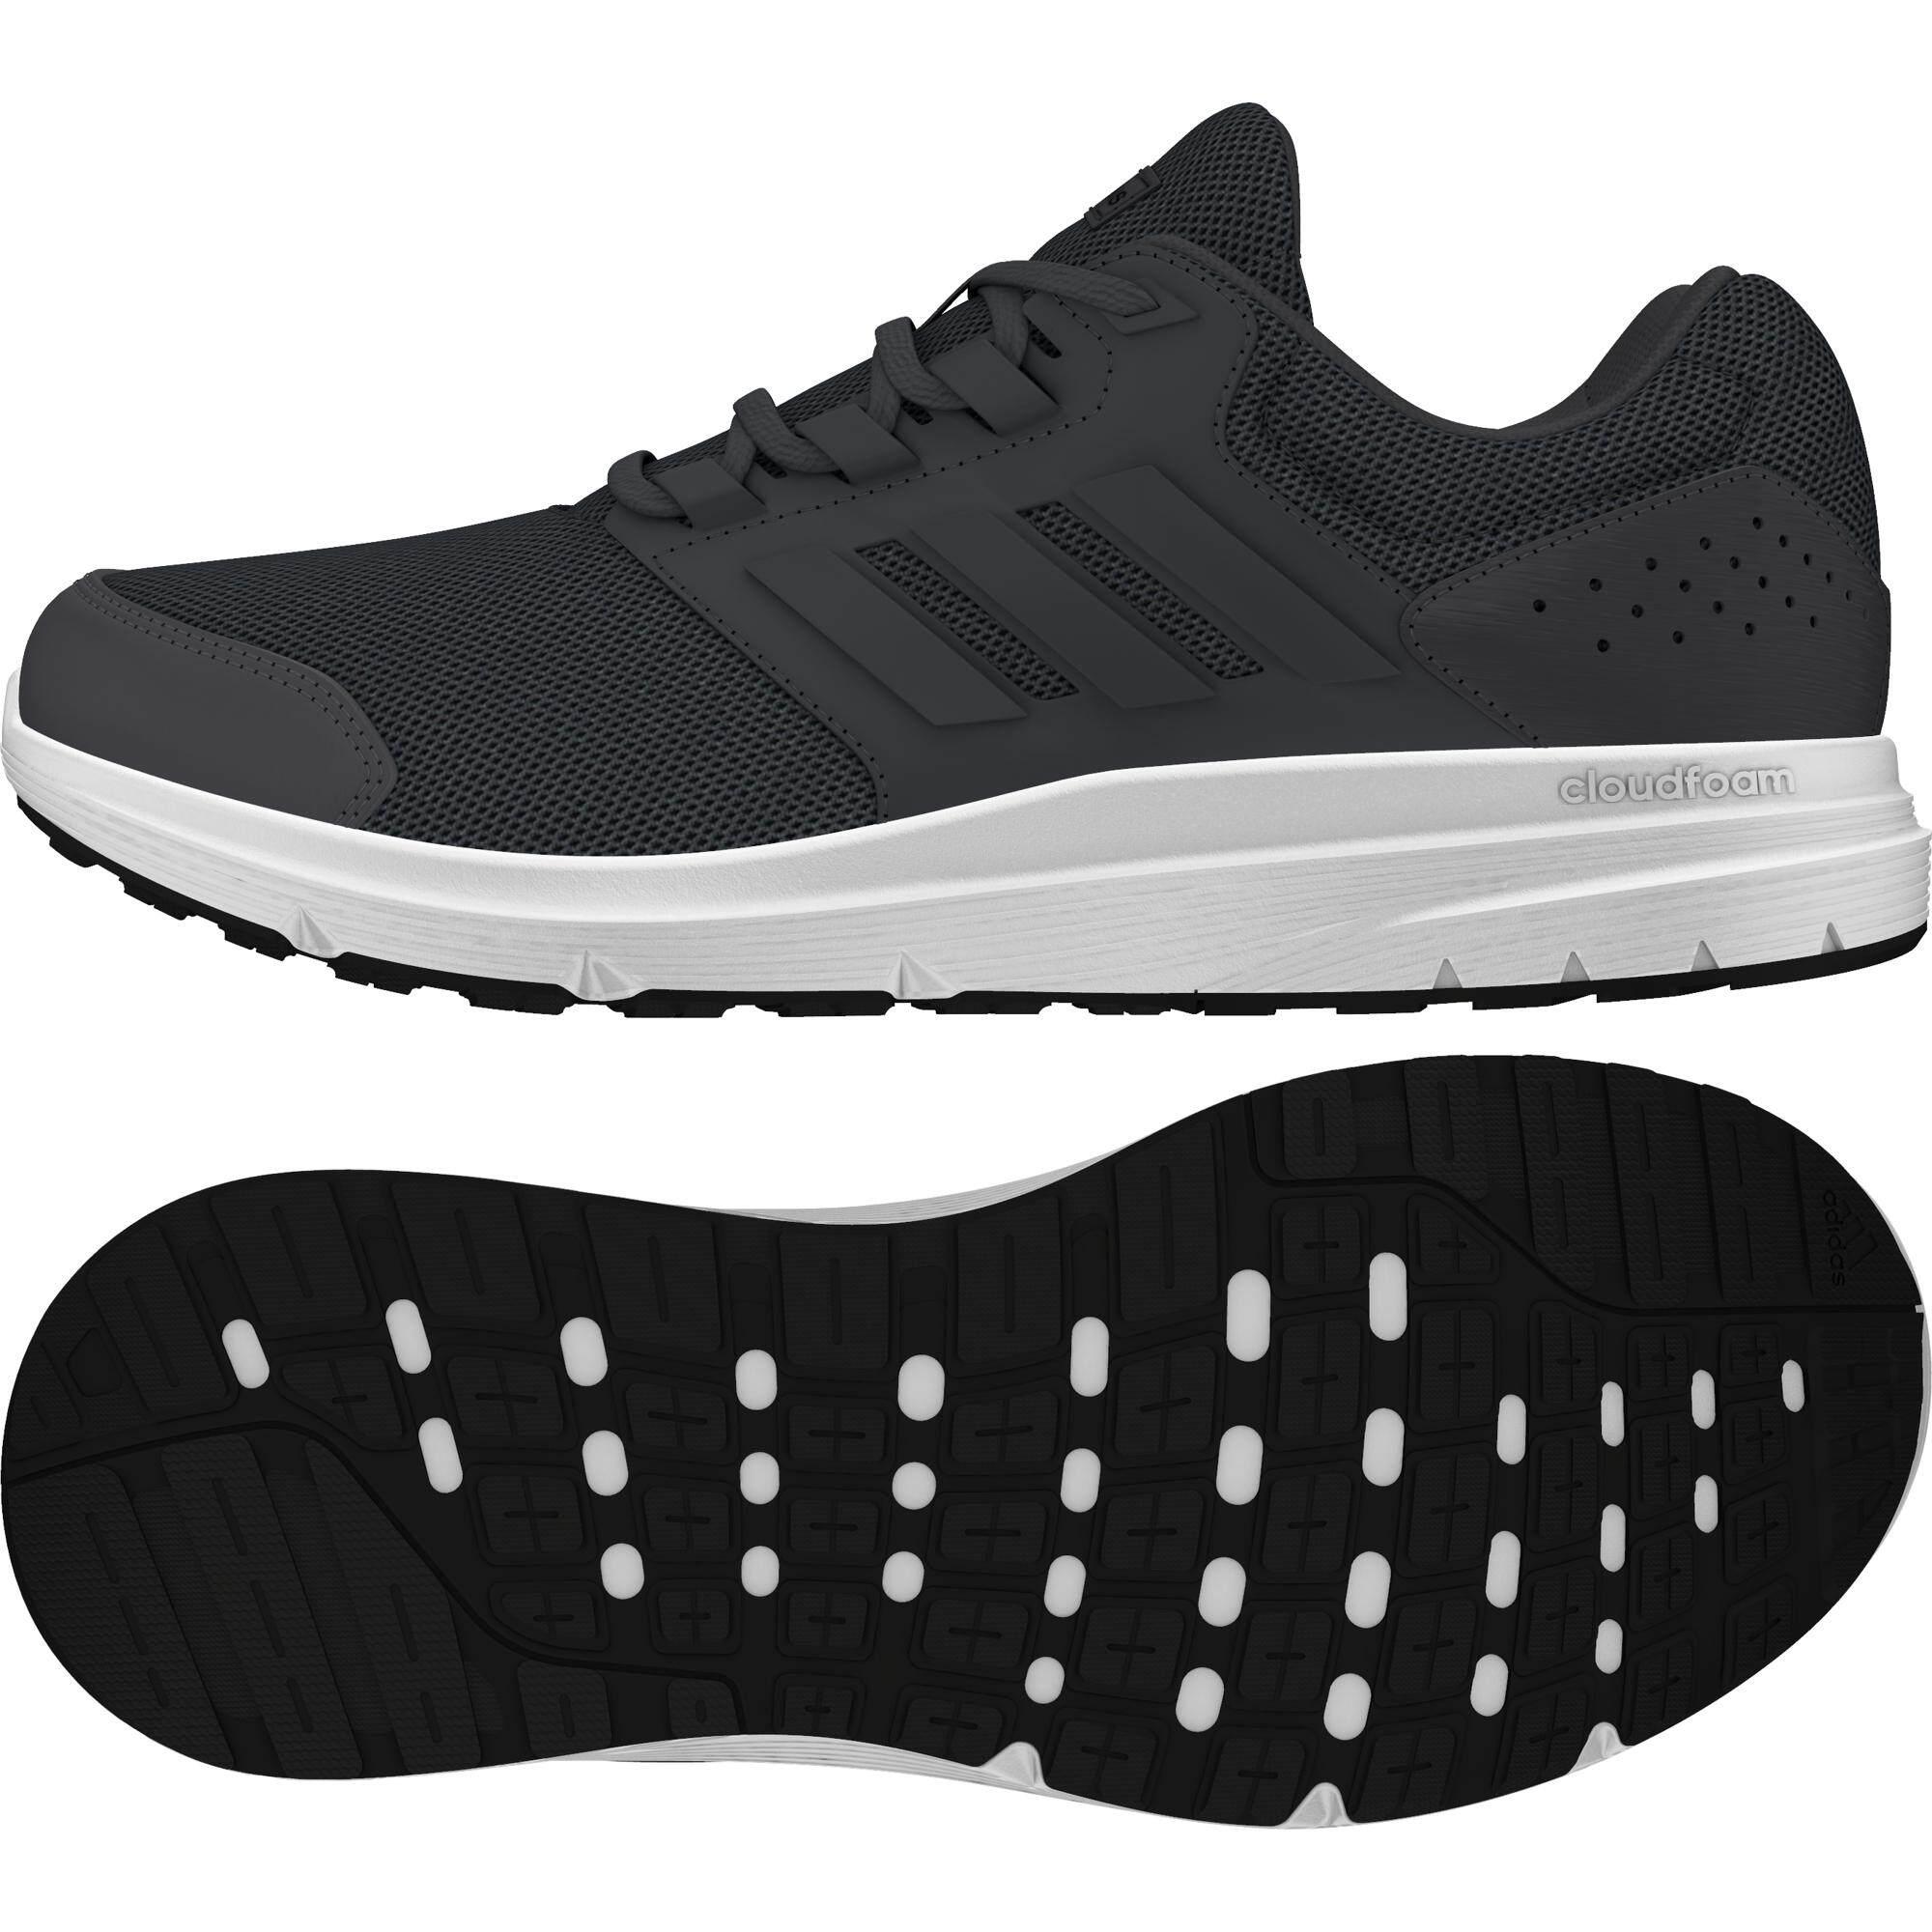 69c7dd64baeac Adidas Men's Galaxy 4 Running Shoes (Grey )